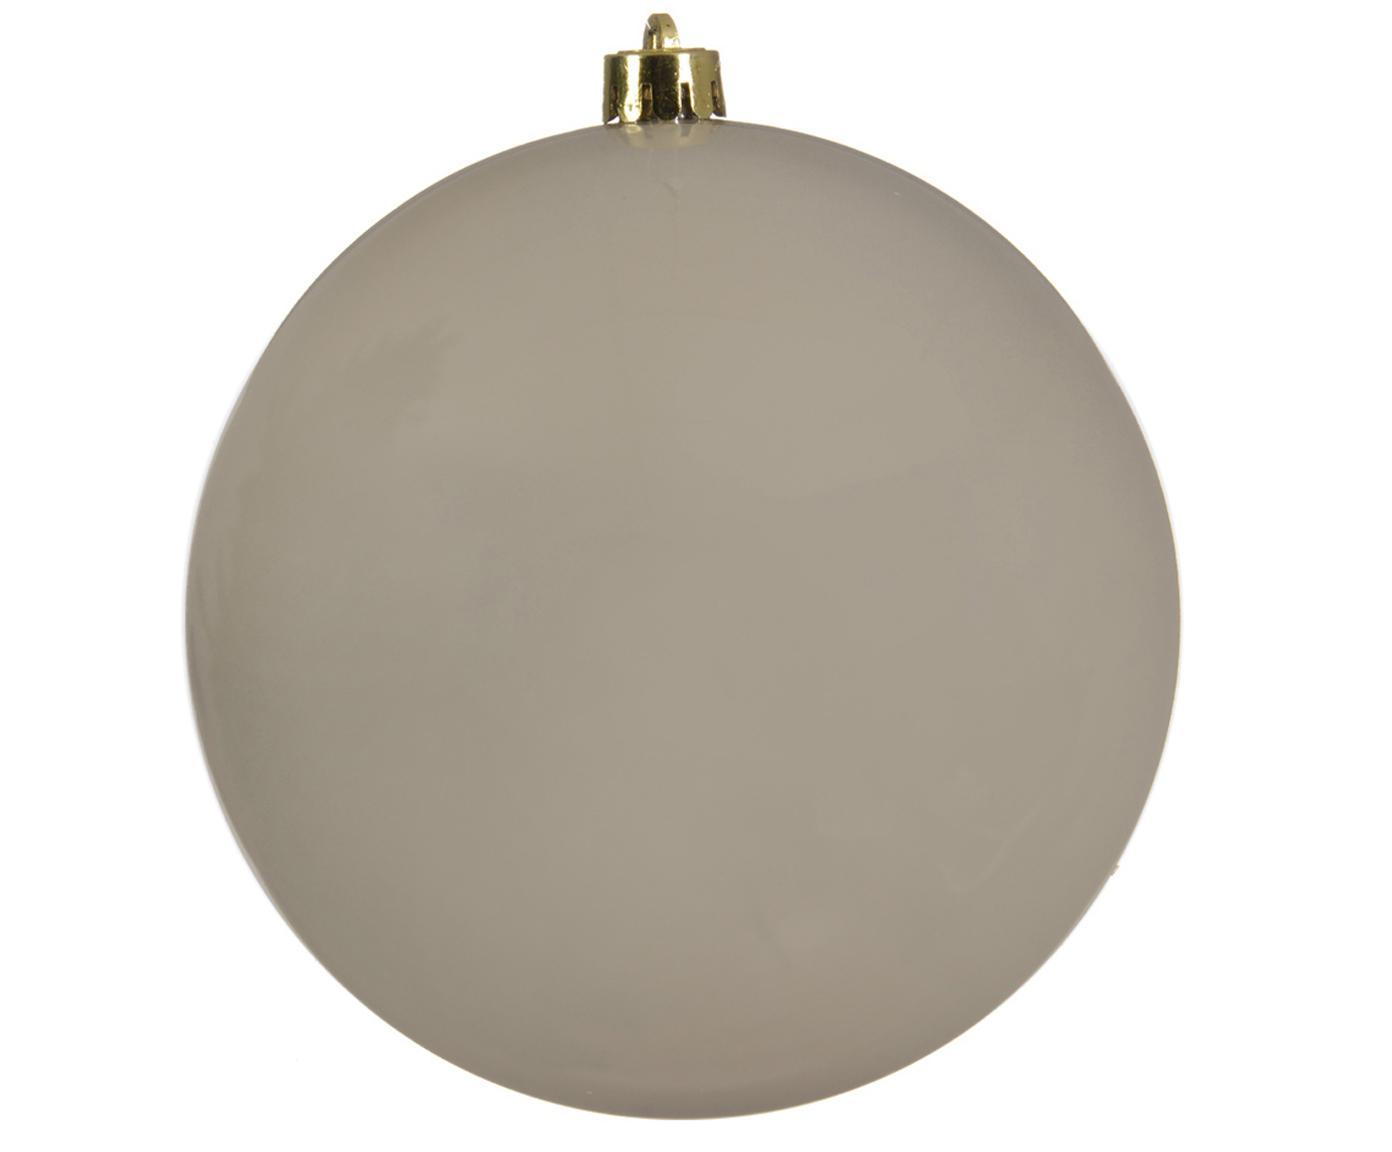 Palla di Natale Minstix, Materiale sintetico, Beige, Ø 20 cm